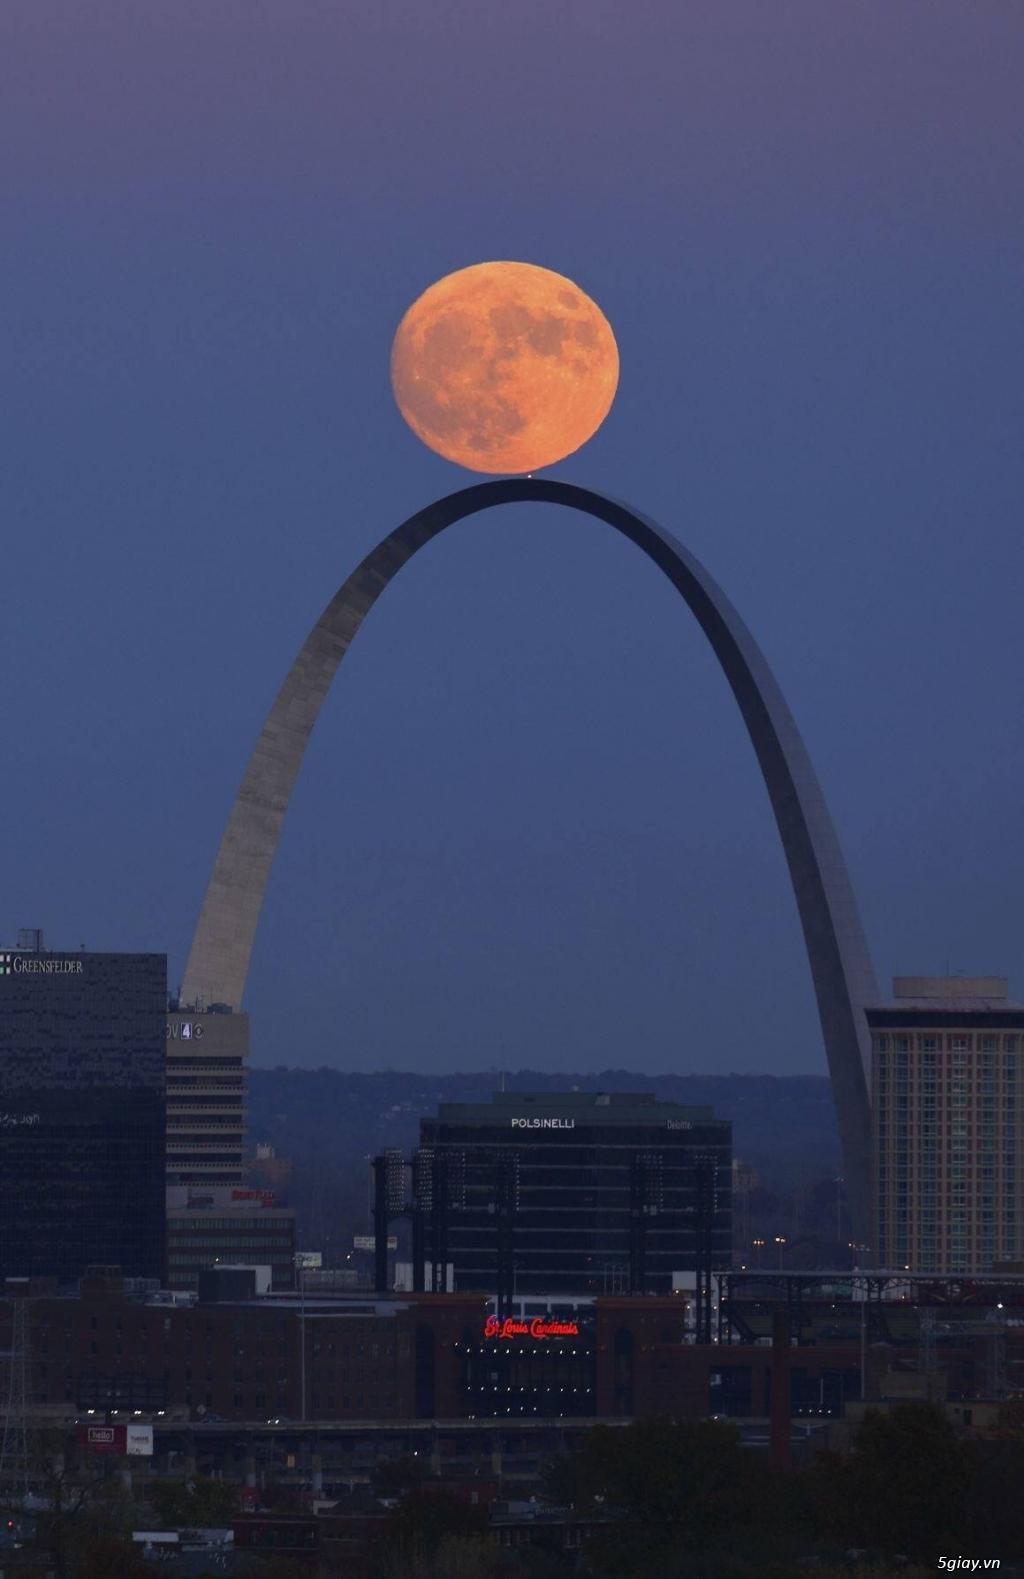 Khoe hình siêu trăng hôm qua